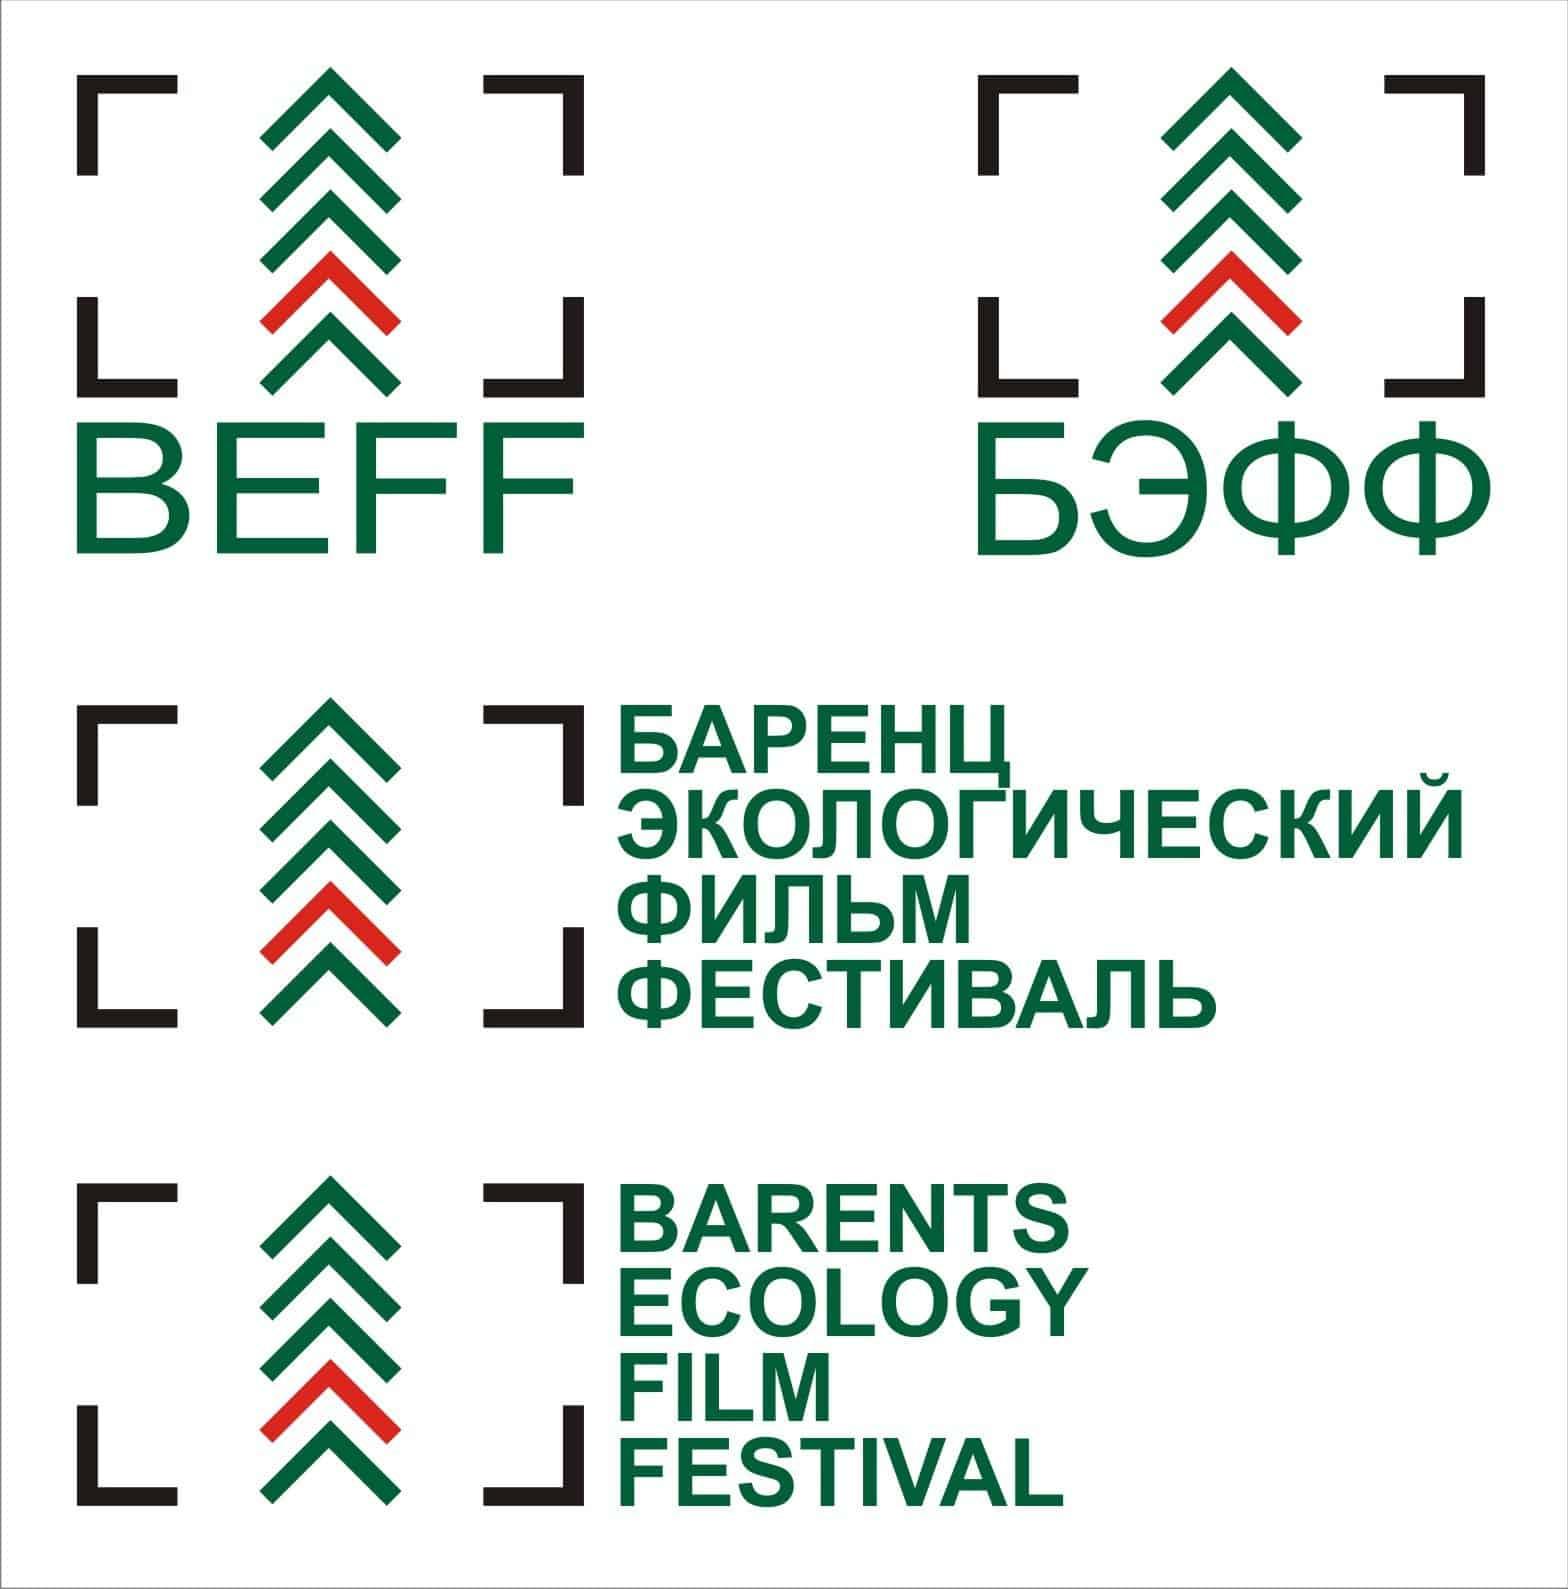 Принимаются заявки на кинофестиваль БЭФФ-2013